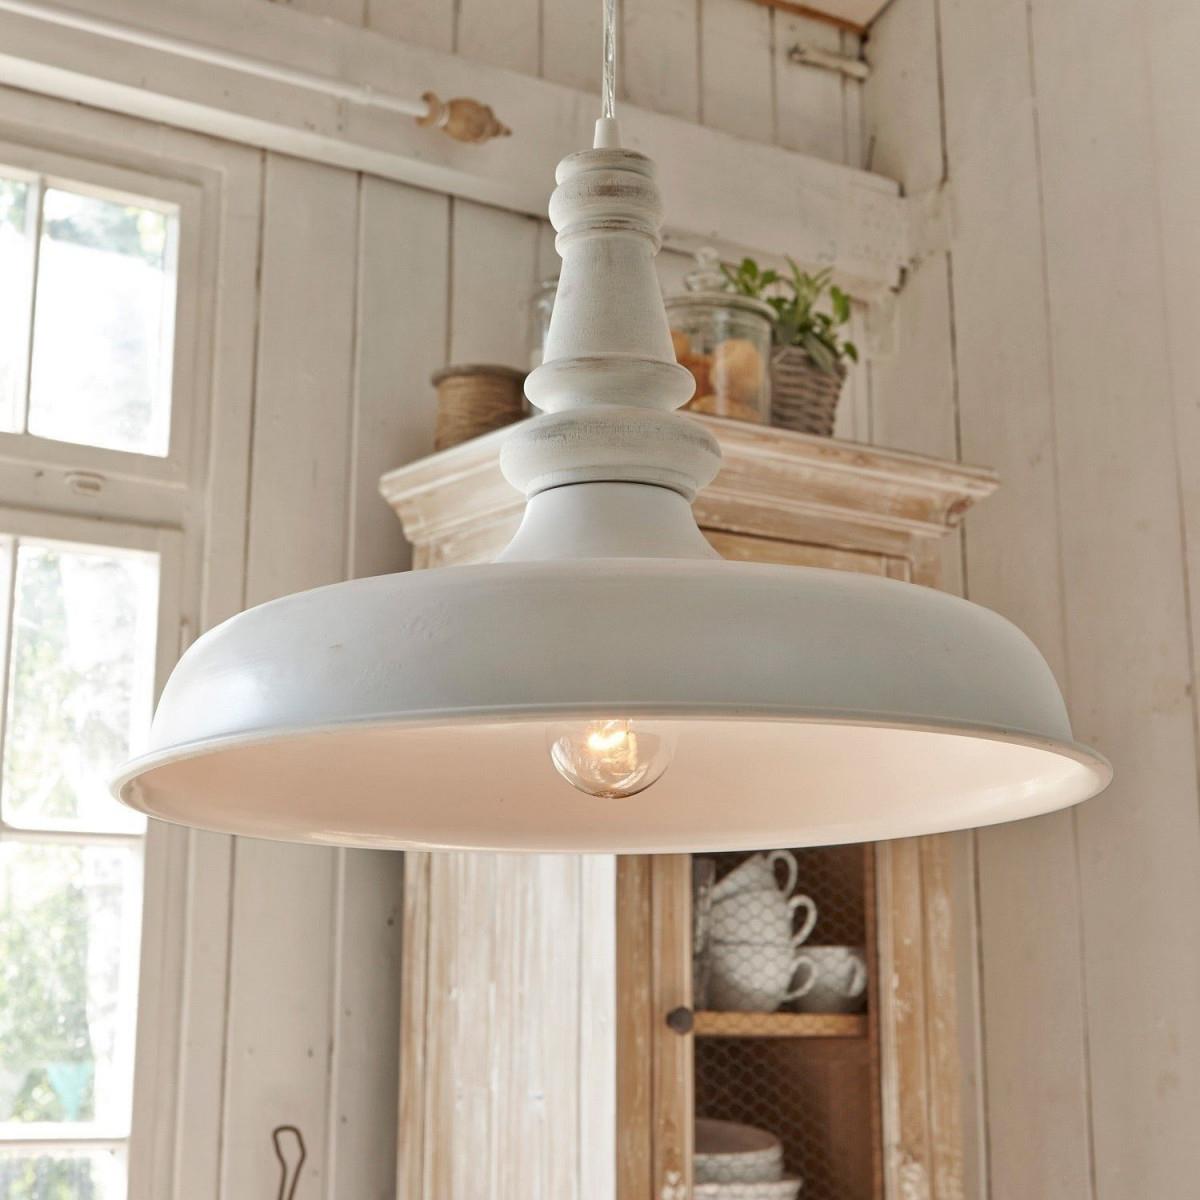 Hängelampe Camryn  Loberon  Lampen Landhausstil Lampe von Lampe Wohnzimmer Landhaus Photo